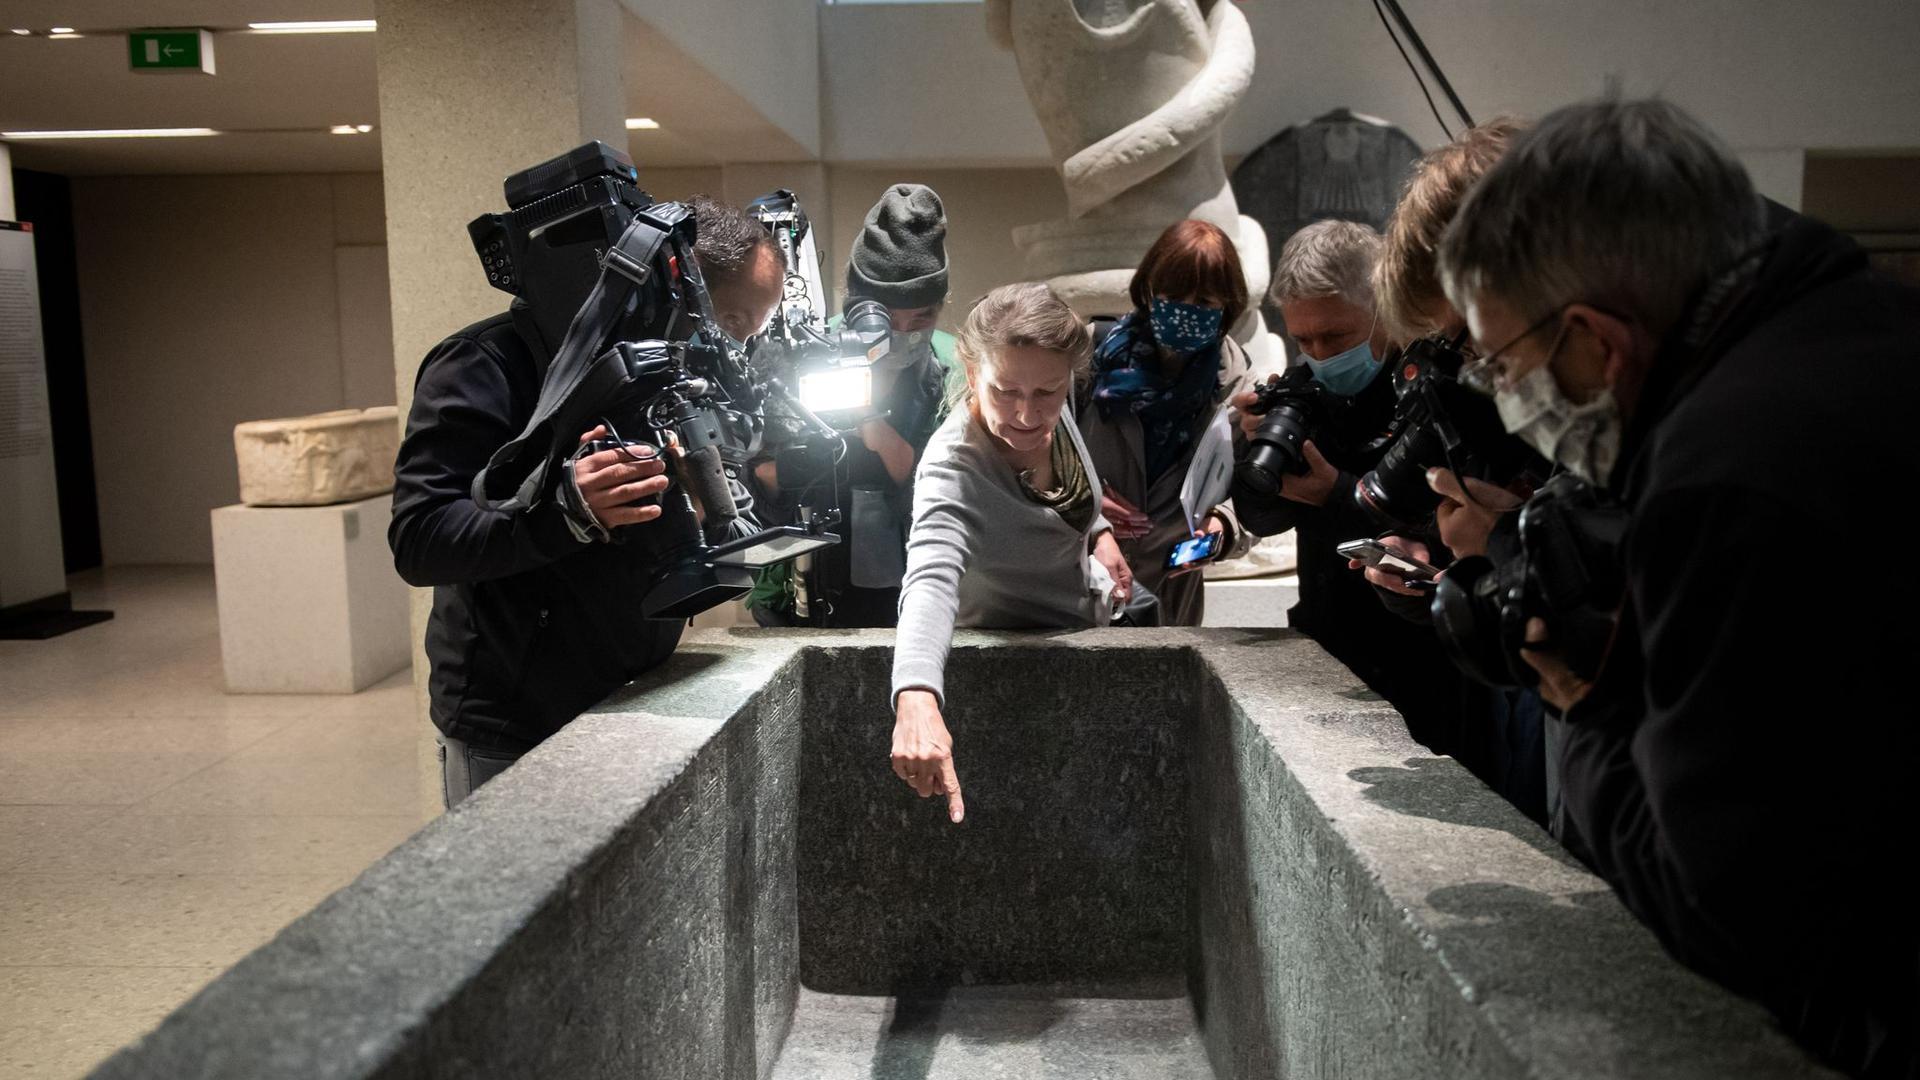 Friederike Seyfried, Direktorin des Ägyptischen Museums in Berlin, zeigte am 21. Oktober  Medienvertretern Spuren der Sachbeschädigungen im Neuen Museum.